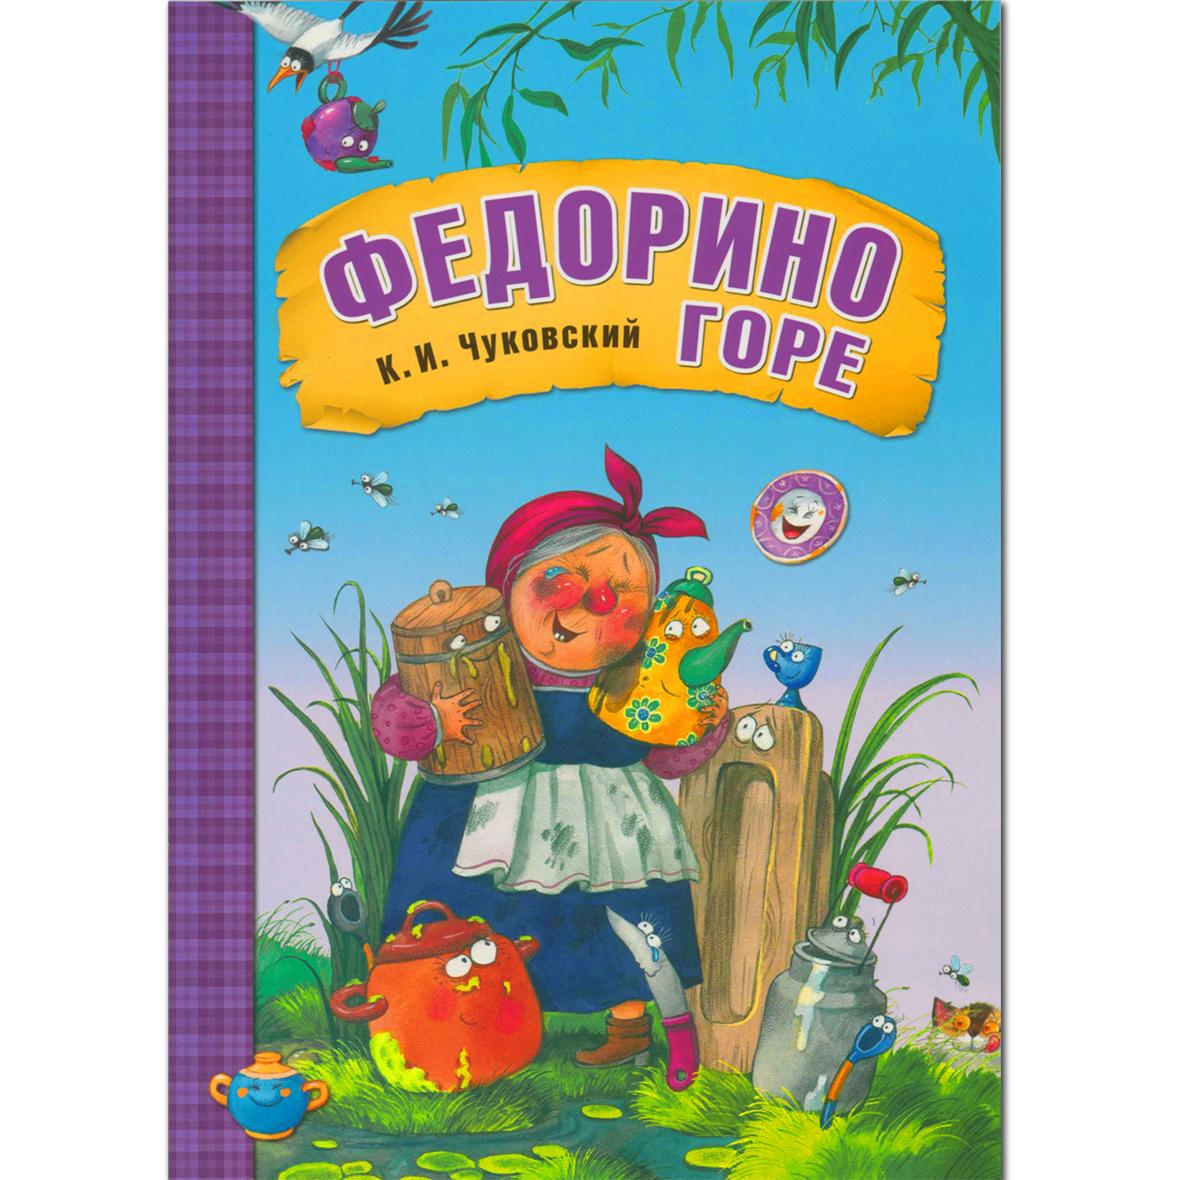 Сказки К.И. Чуковского - Федорино горе, в мягкой обложкеПочитай мне сказку<br>Сказки К.И. Чуковского - Федорино горе, в мягкой обложке<br>